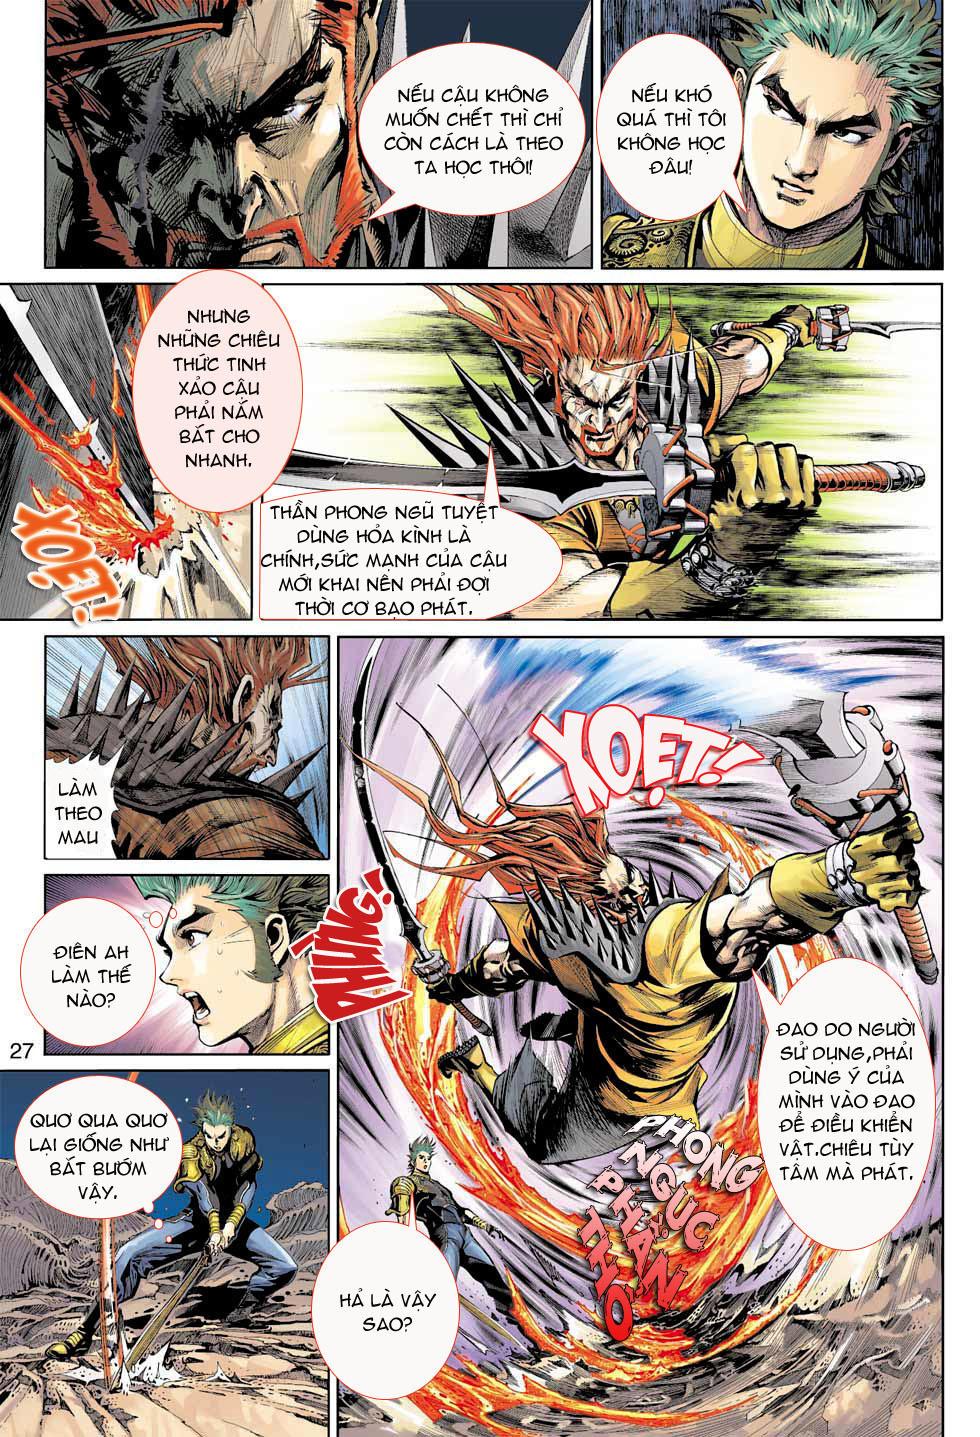 Thần Binh 4 chap 8 - Trang 27